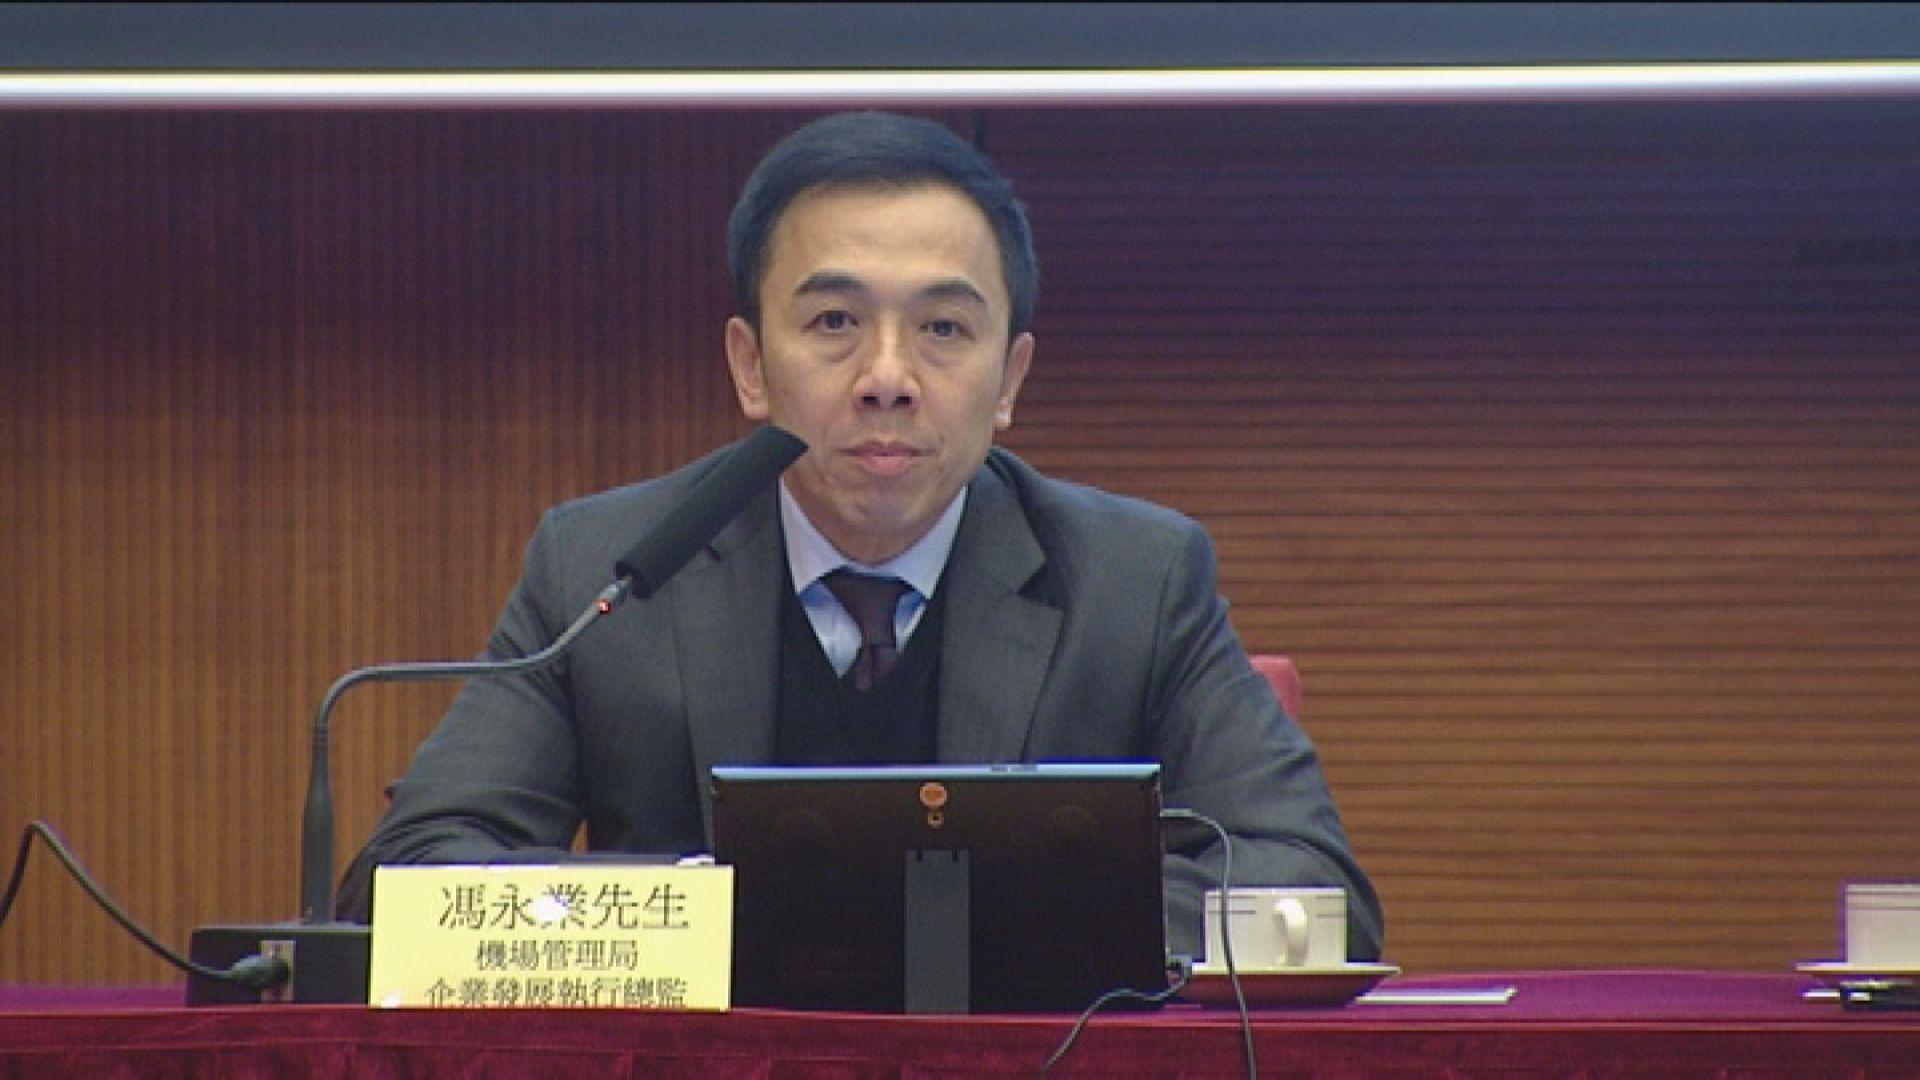 馮永業陳婉玉被控貪污及公職人員行為失當